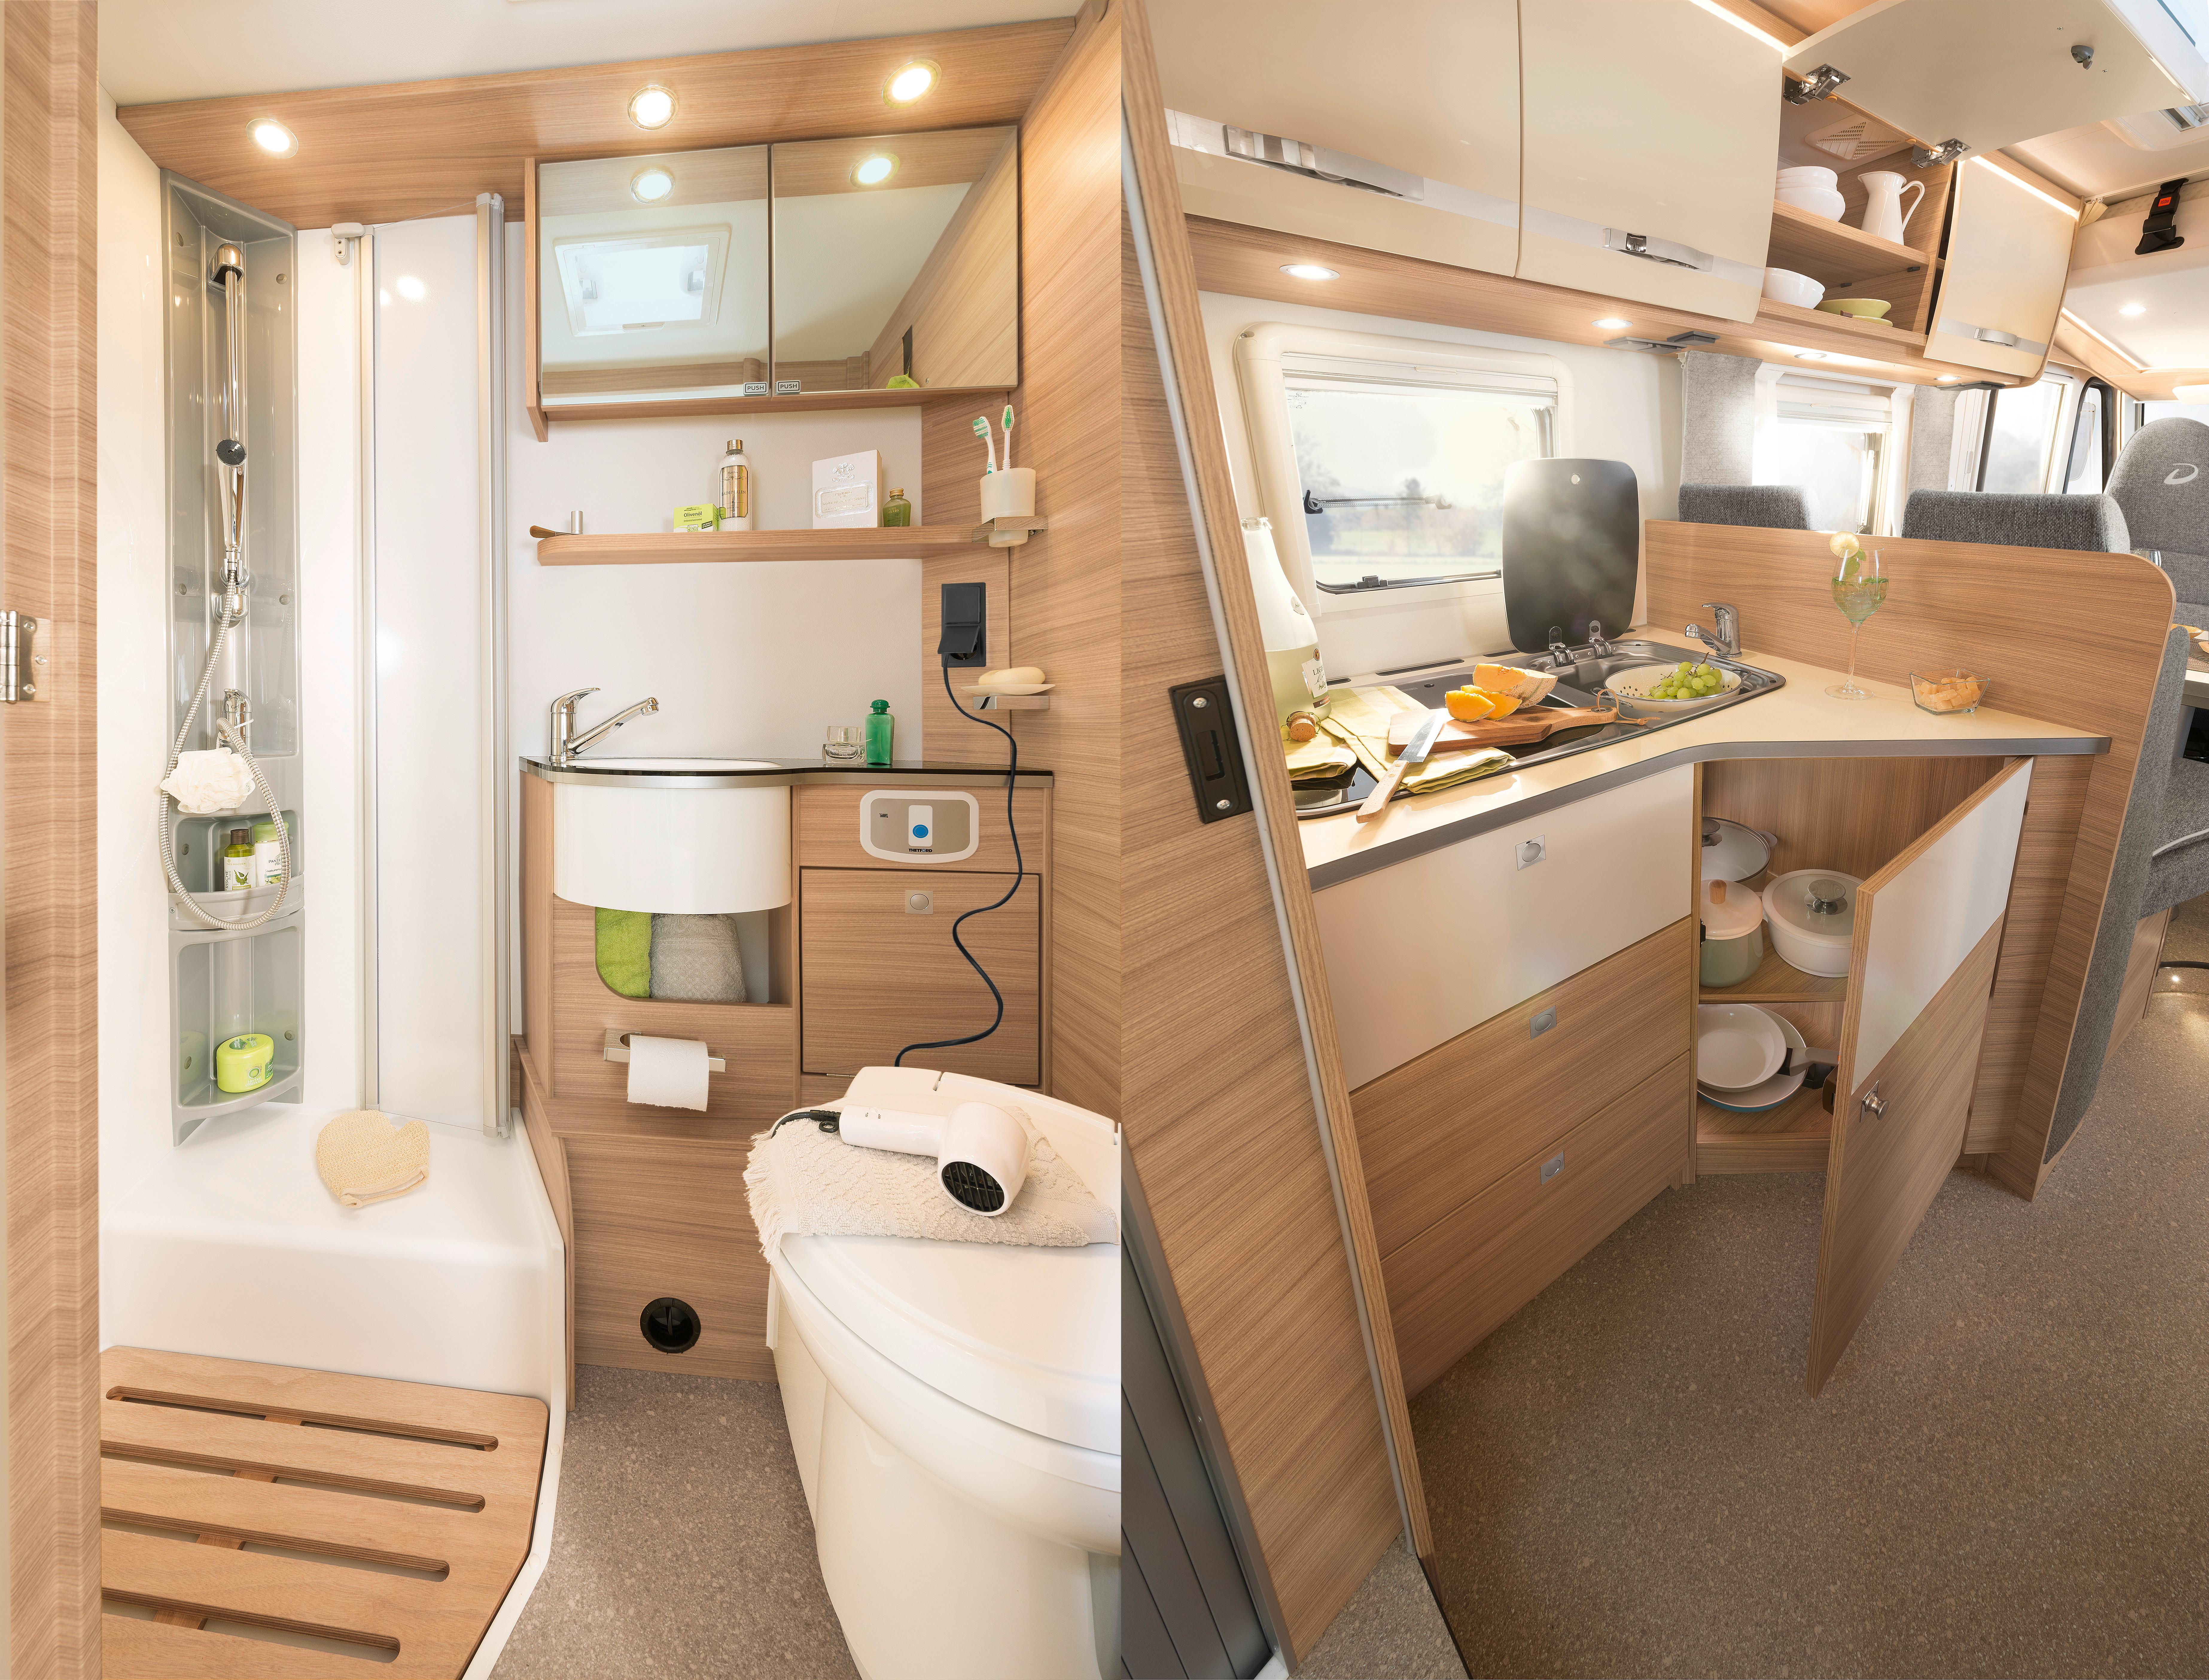 Compact Luxury bad og køkken